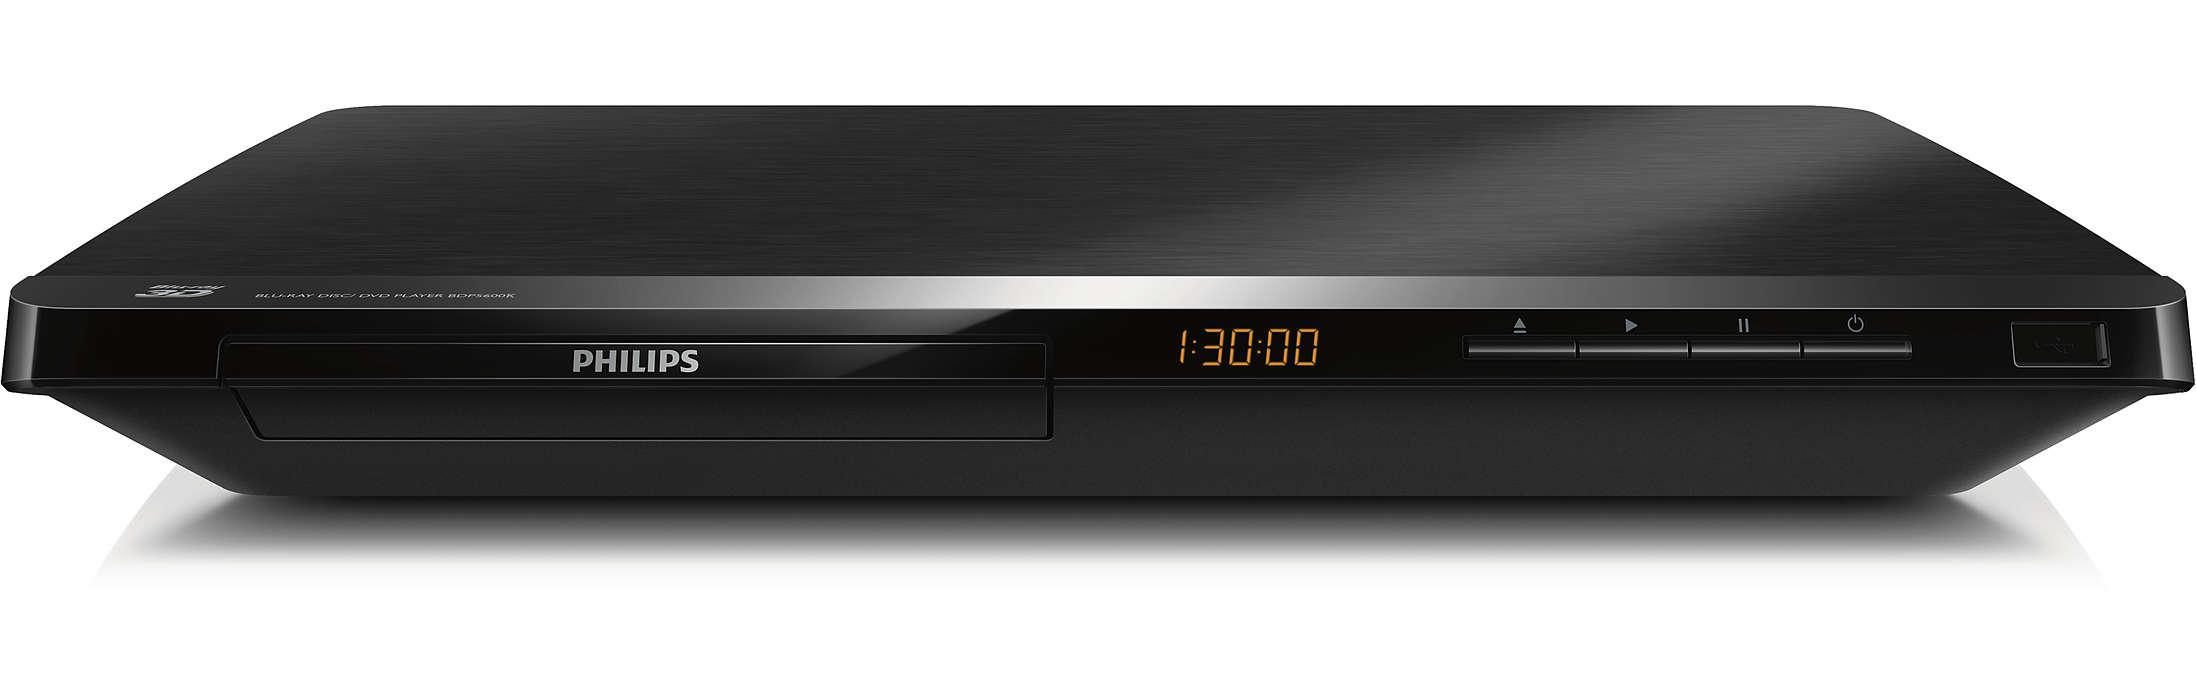 Blu-ray 3D และประสบการณ์อินเตอร์เน็ตบนทีวีที่ดีที่สุด